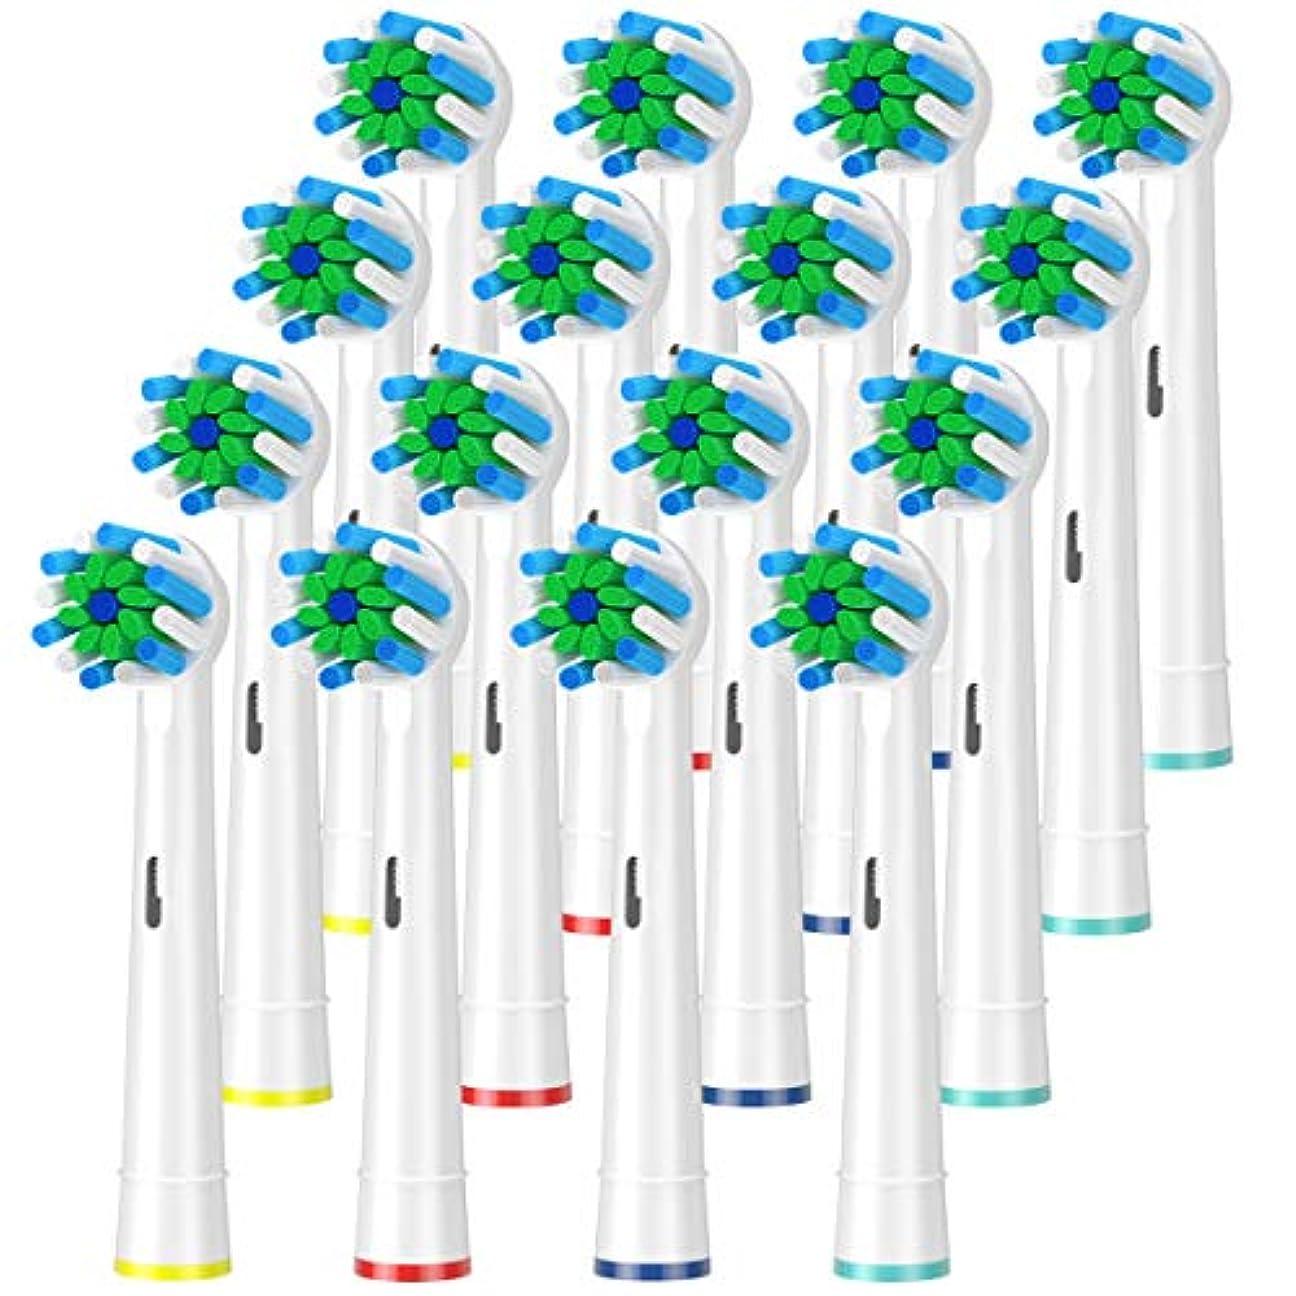 またねラップトップ最も早いITECHNIK ブラウン 電動歯ブラシ 対応 替えブラシ ブラウン オーラルB 替えブラシ Action cross(16)